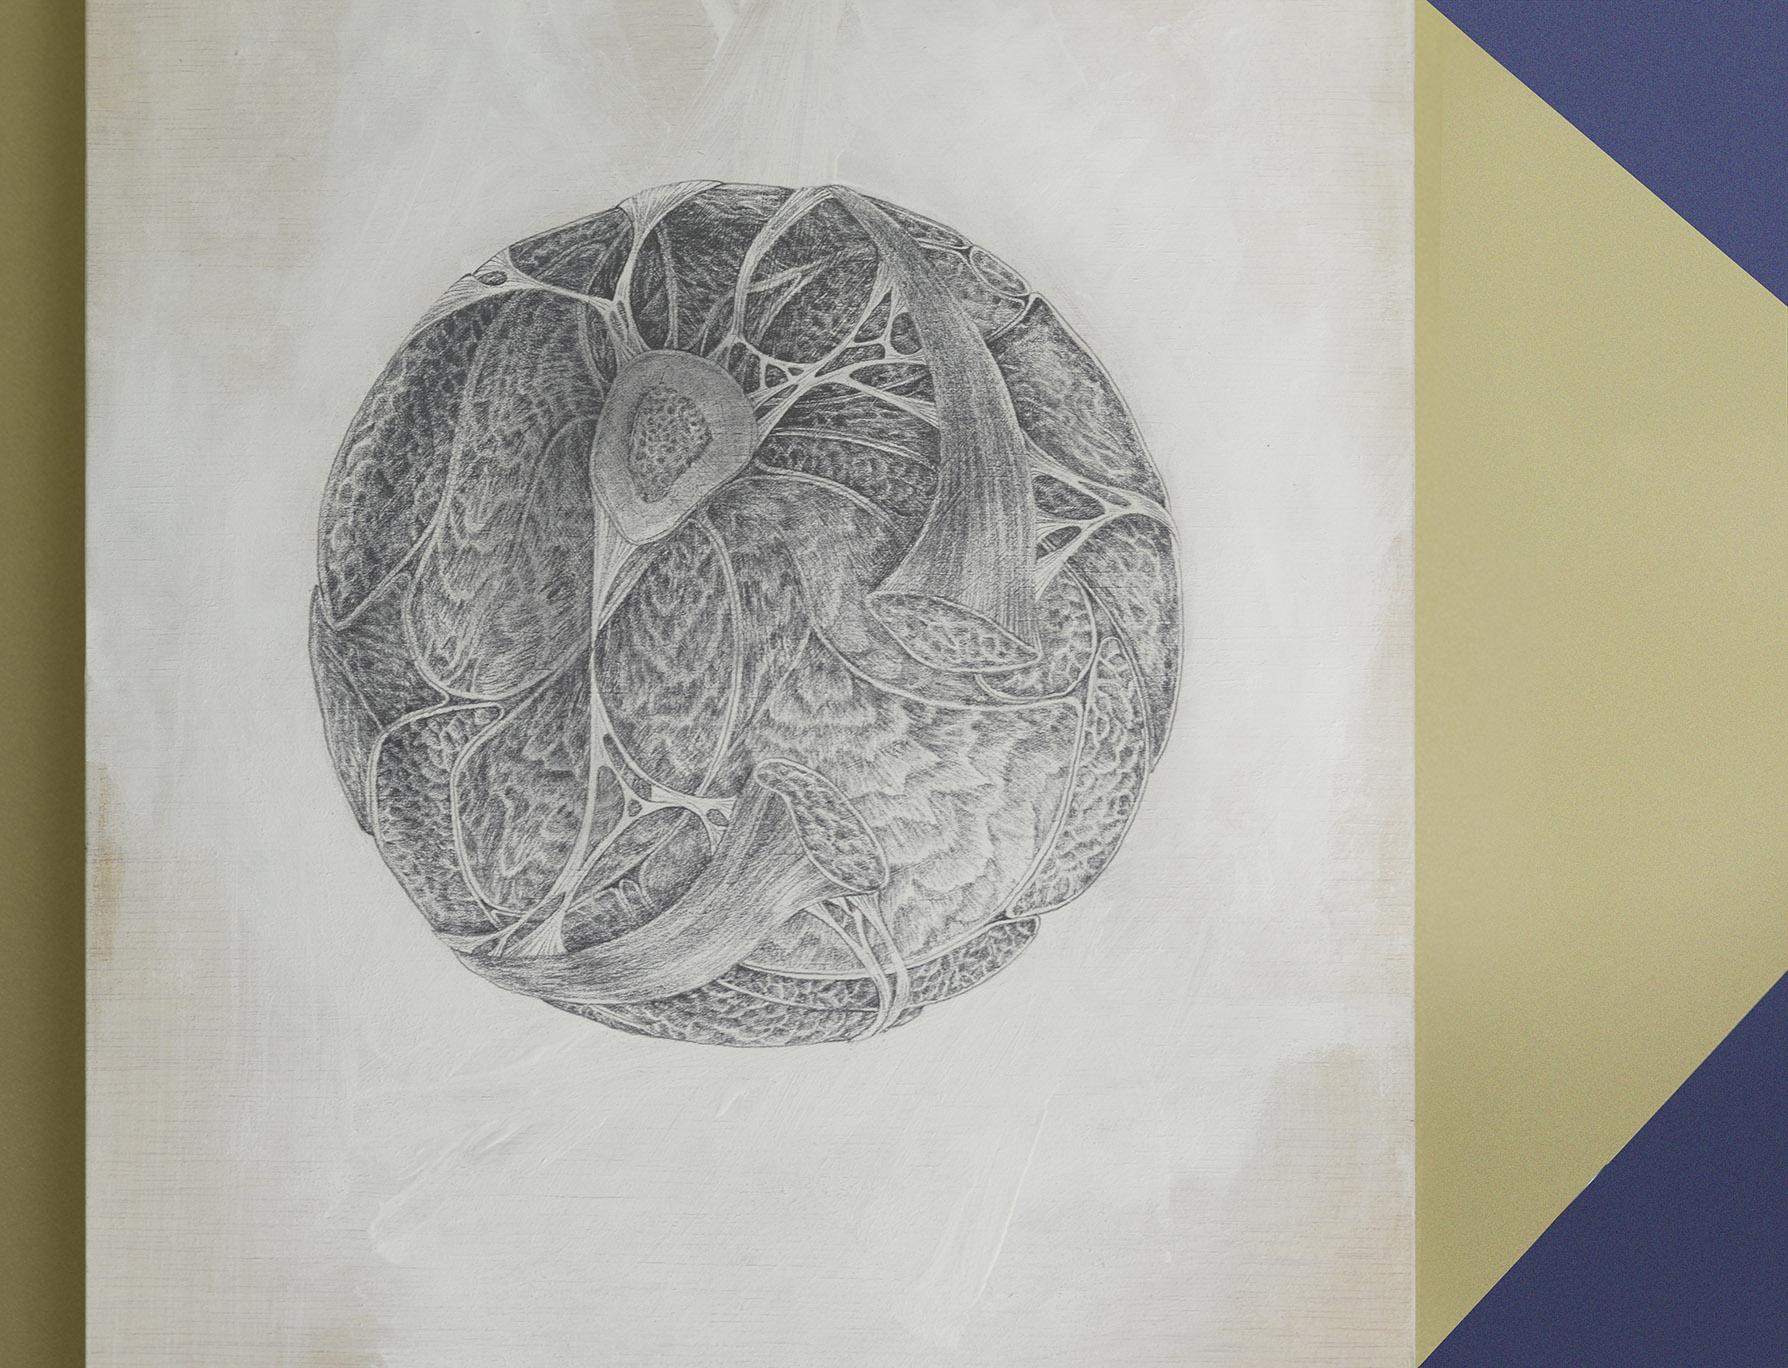 esfera obra de arte hecha con lapiz de grafito por giselle vitali